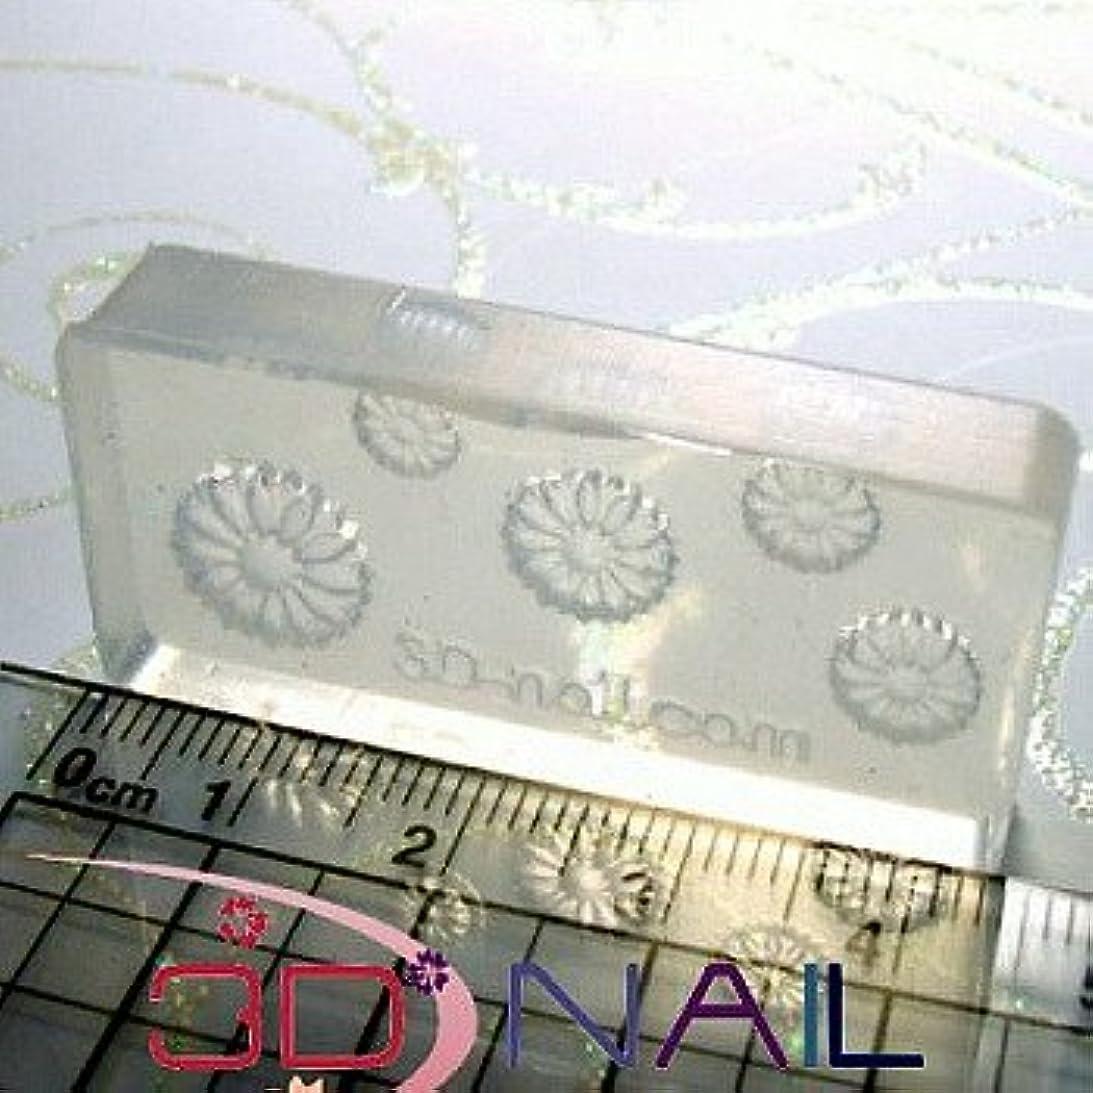 粘性の激しい雨の3Dシリコンモールド 自分でできる3Dネイル ネイルアート3D シリコン型 アクリルパウダーやジェルで簡単に!